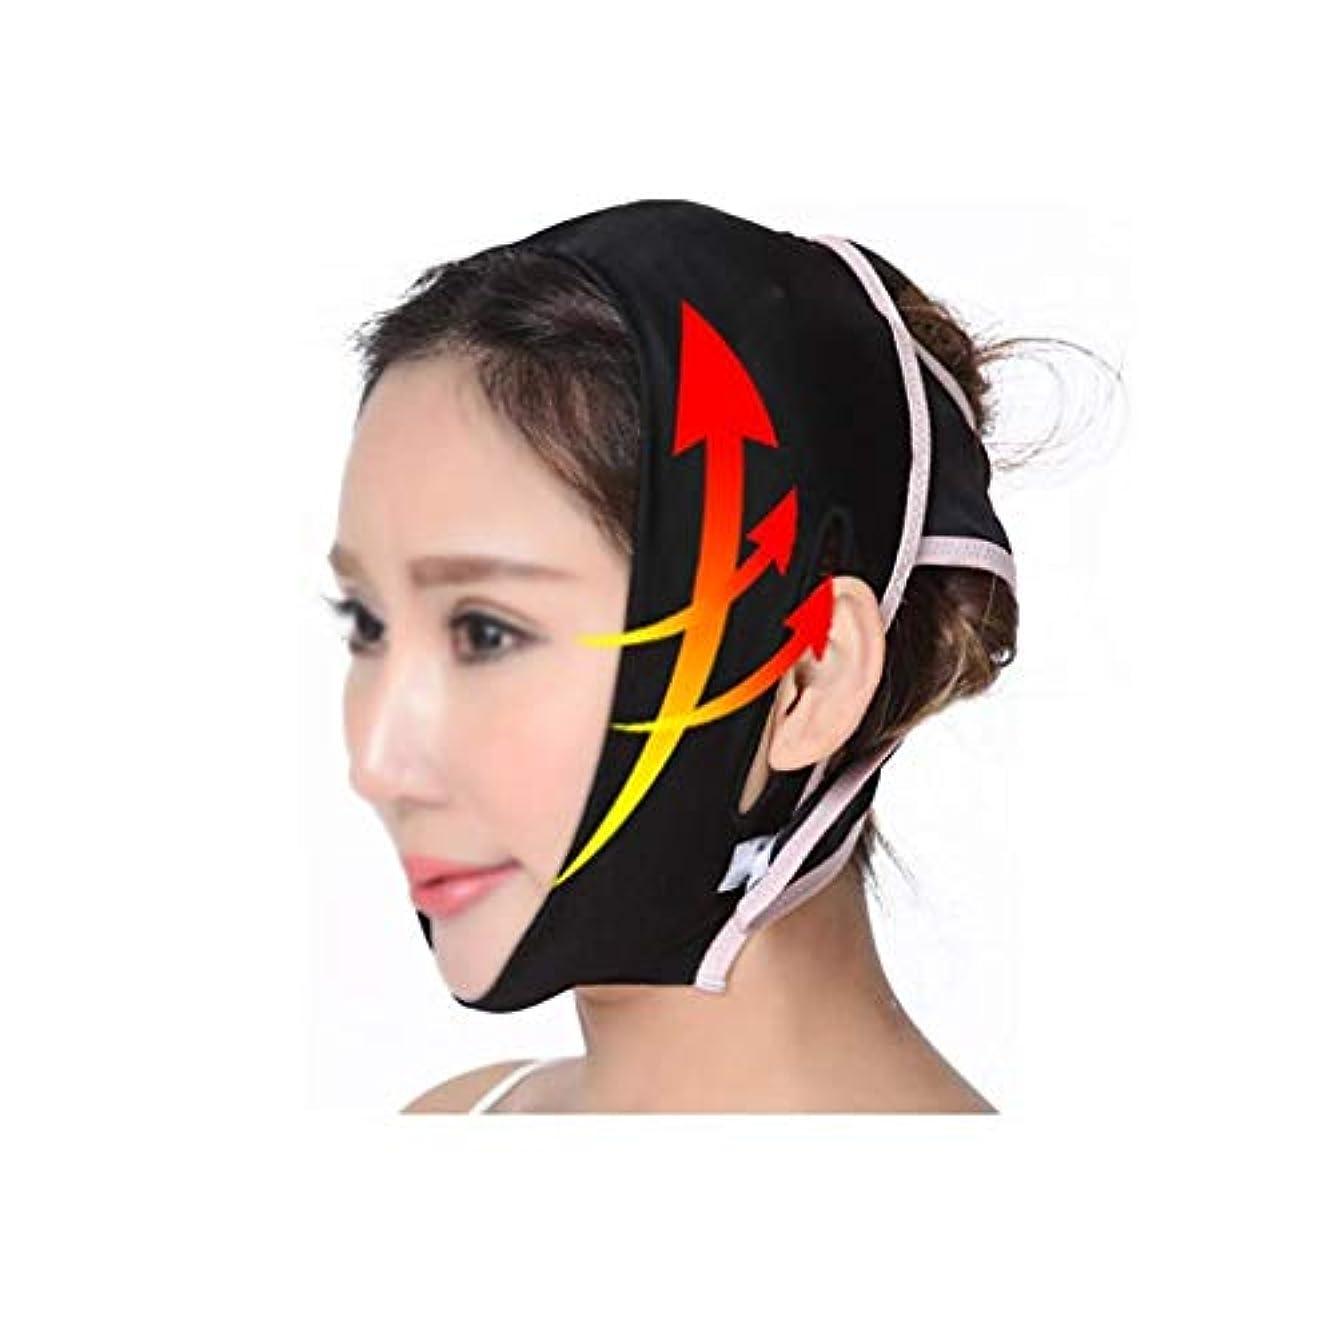 自体アセ通信するフェイスリフトマスク、フェイシャルマスク睡眠顔整形顔包帯顔リフティングV顔顔アーティファクト回復通気性ネックストラップ(サイズ:M)